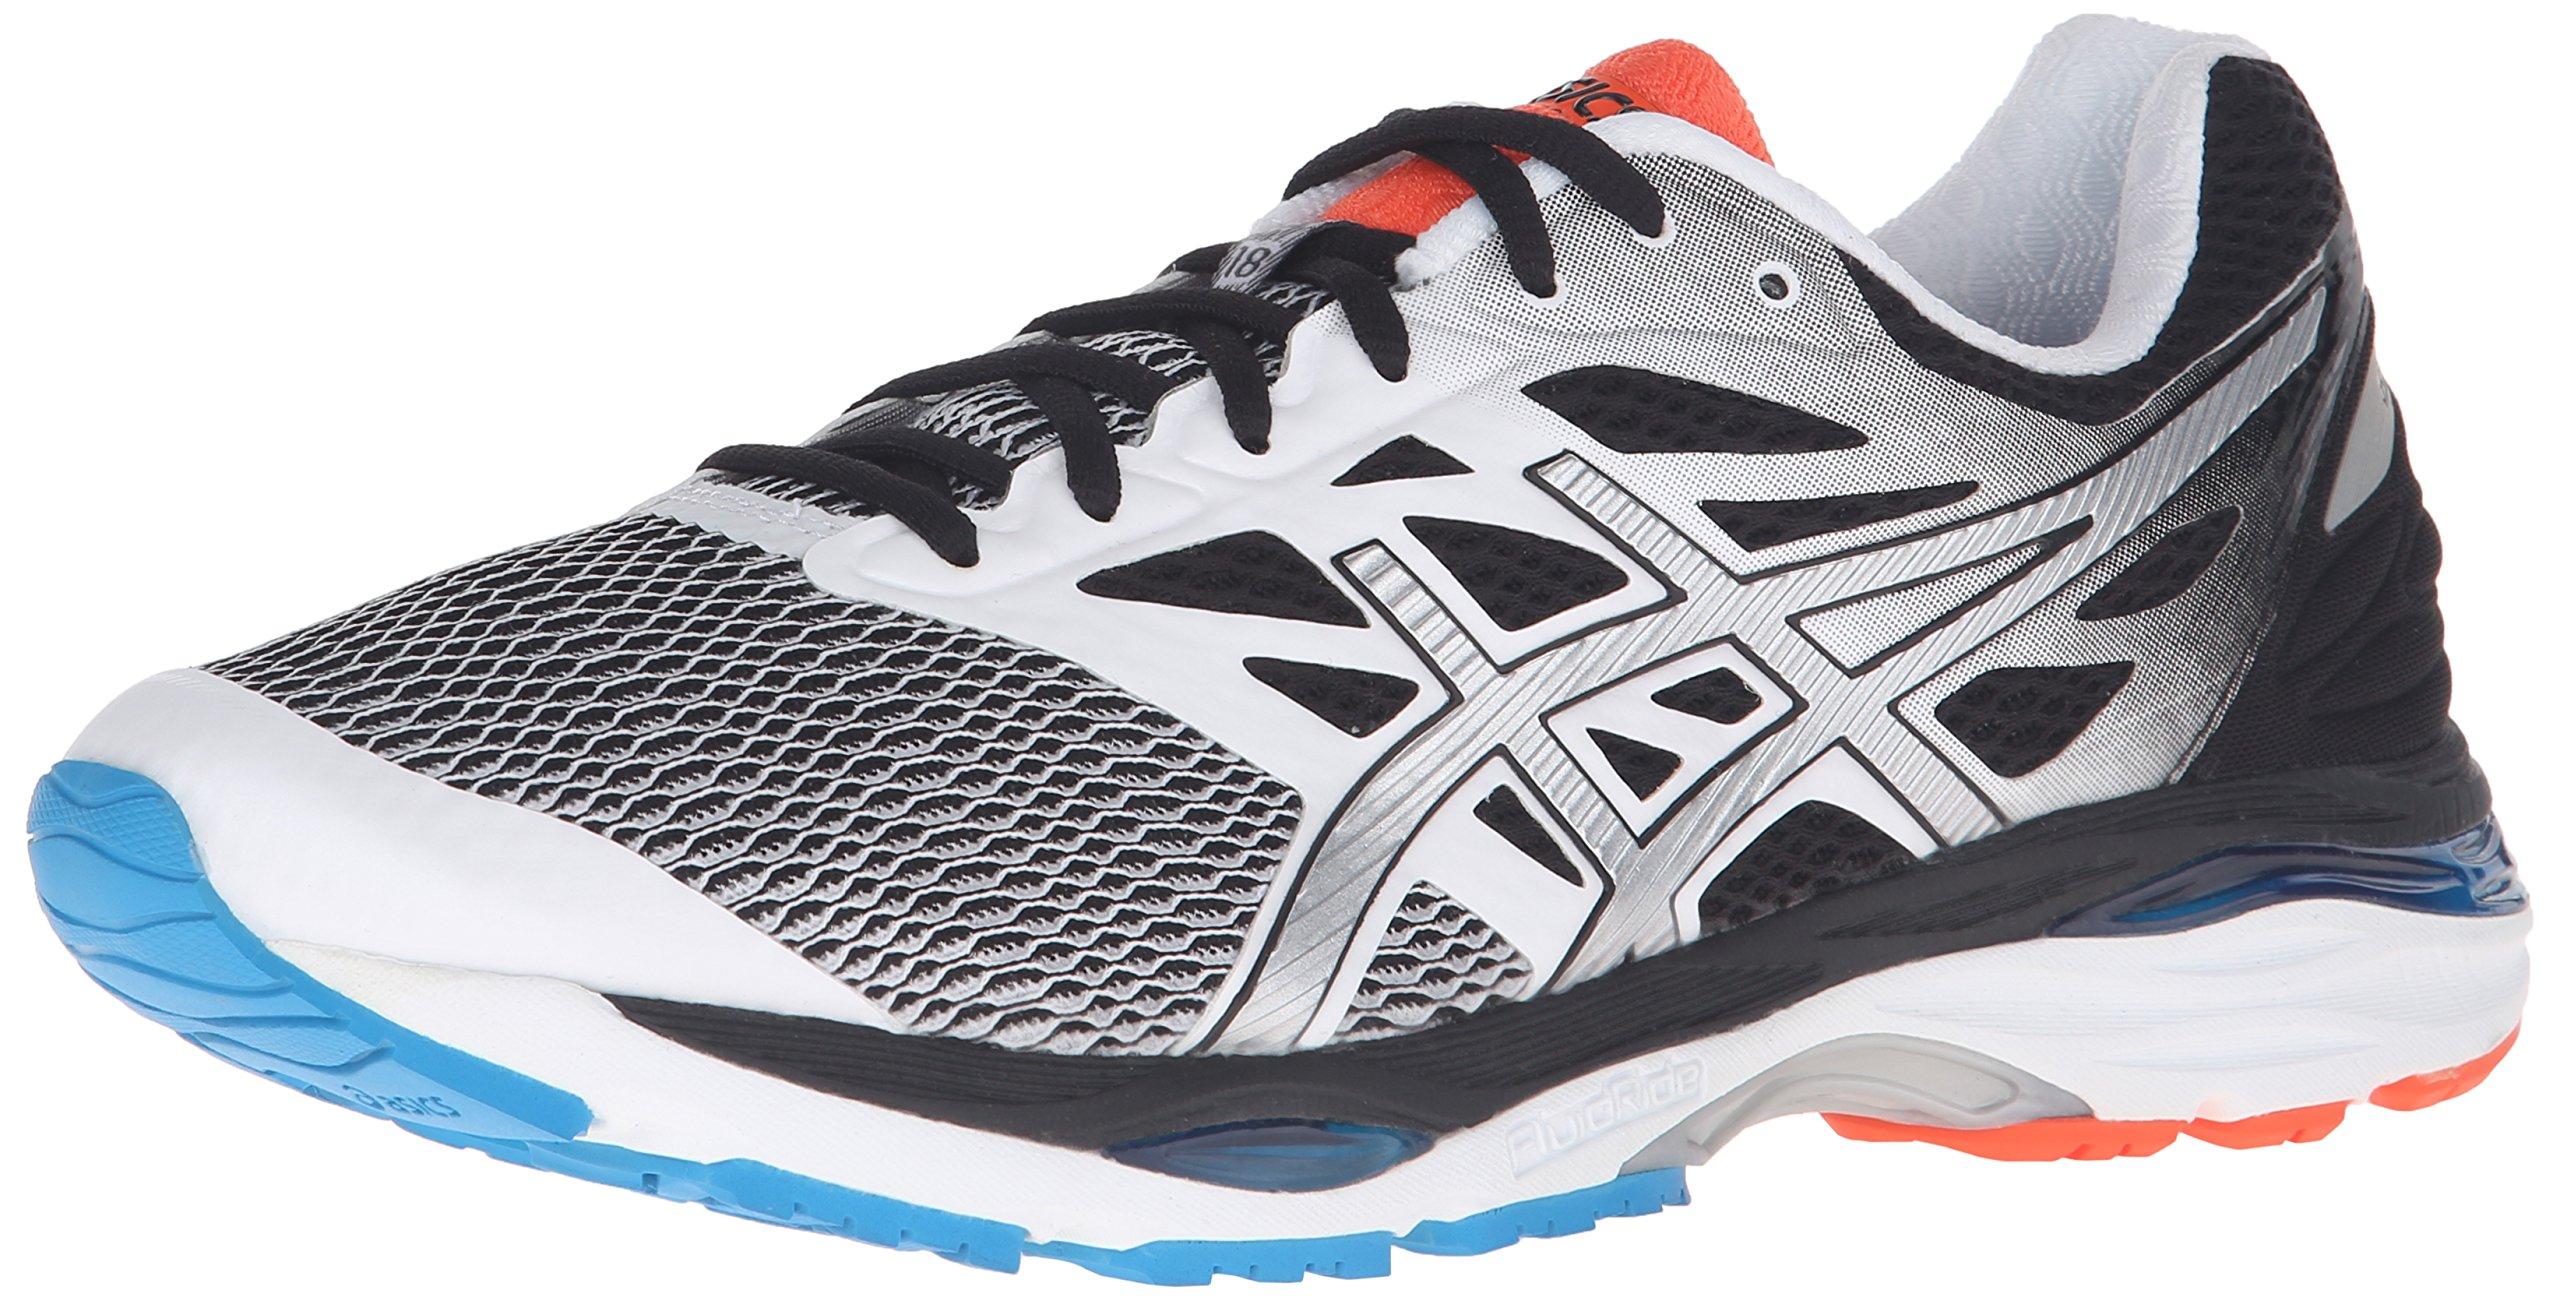 ASICS Men's Gel-Cumulus 18 Running Shoe, White/Silver/Black, 11 M US